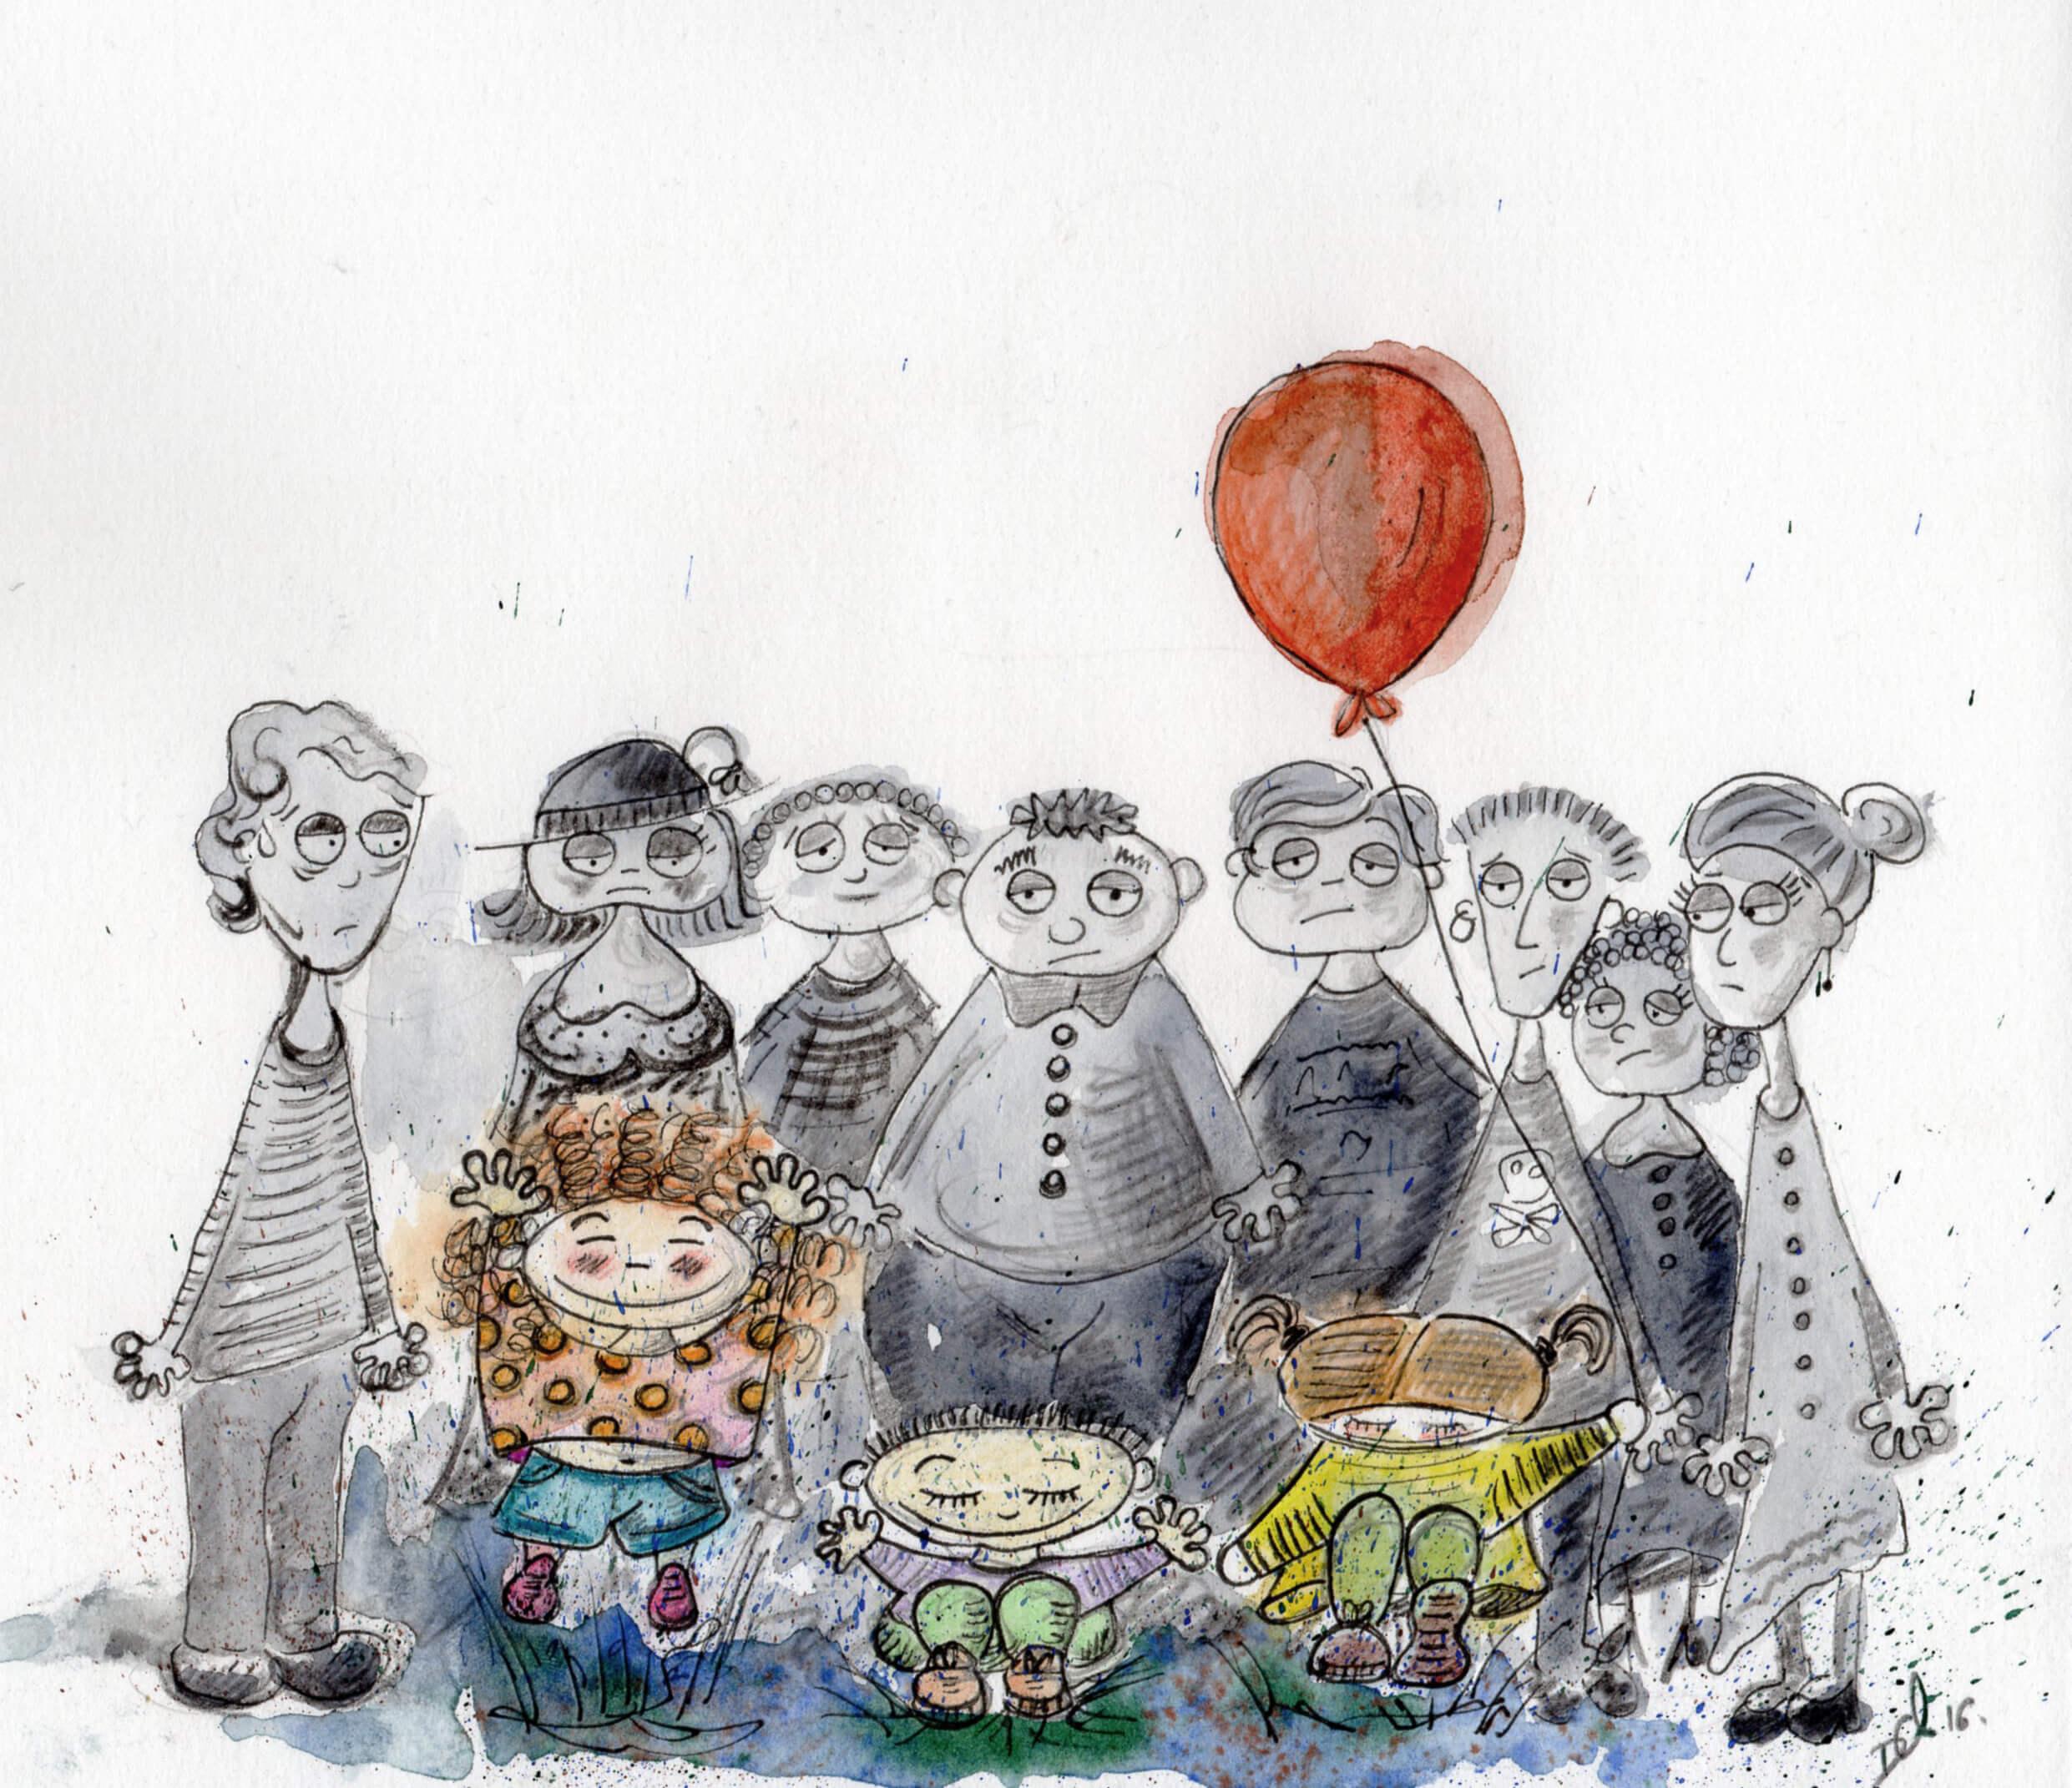 """No hay niños """"incordio"""", sólo se rodean de adultos grises_Acuarela, grafito, lápices"""